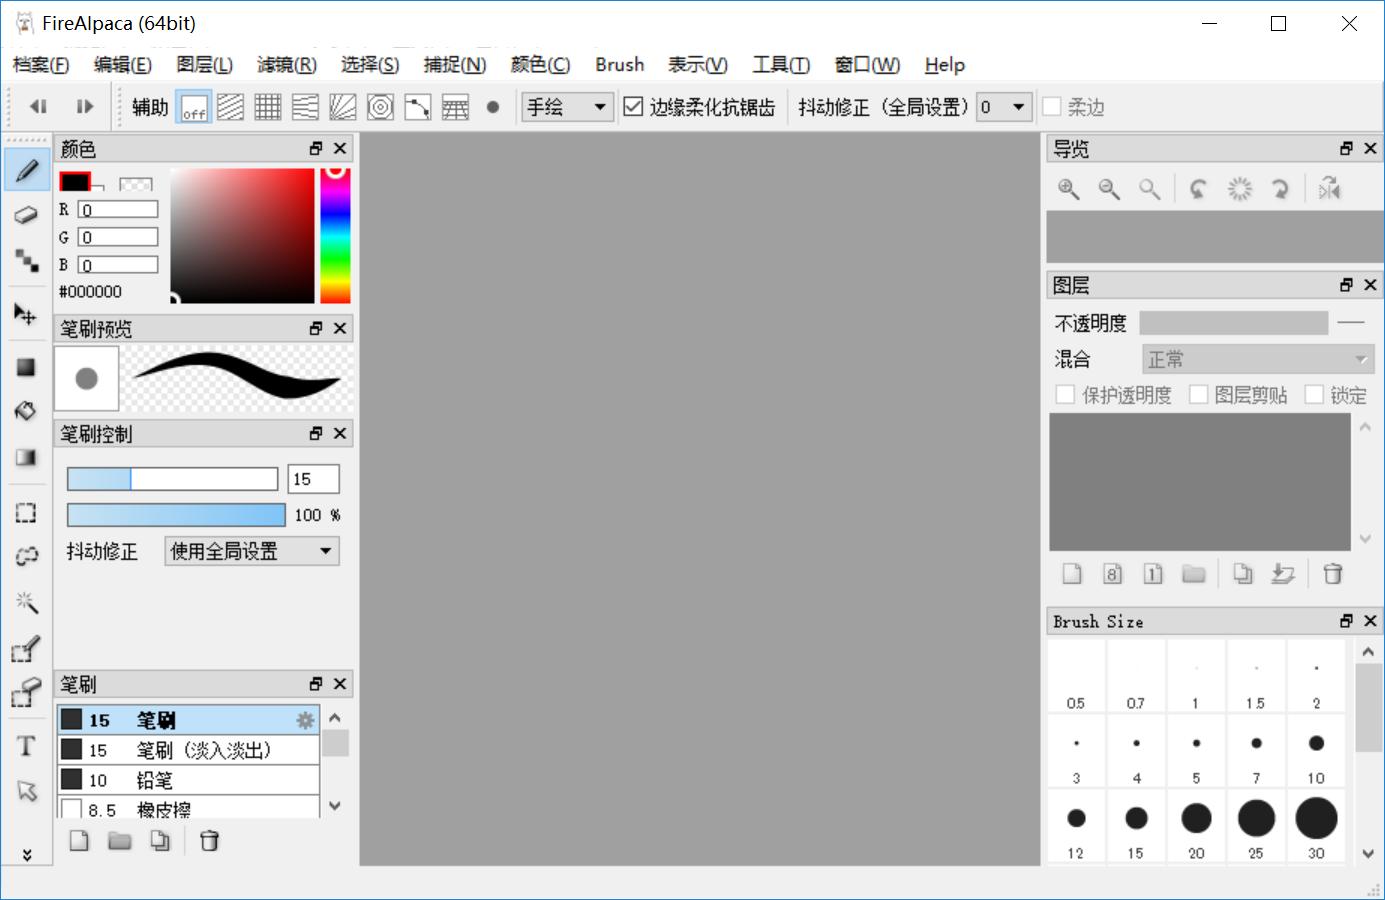 电脑绘图软件 FireAlpaca免费版 v2.3.0 中文多语言版(免激活码)